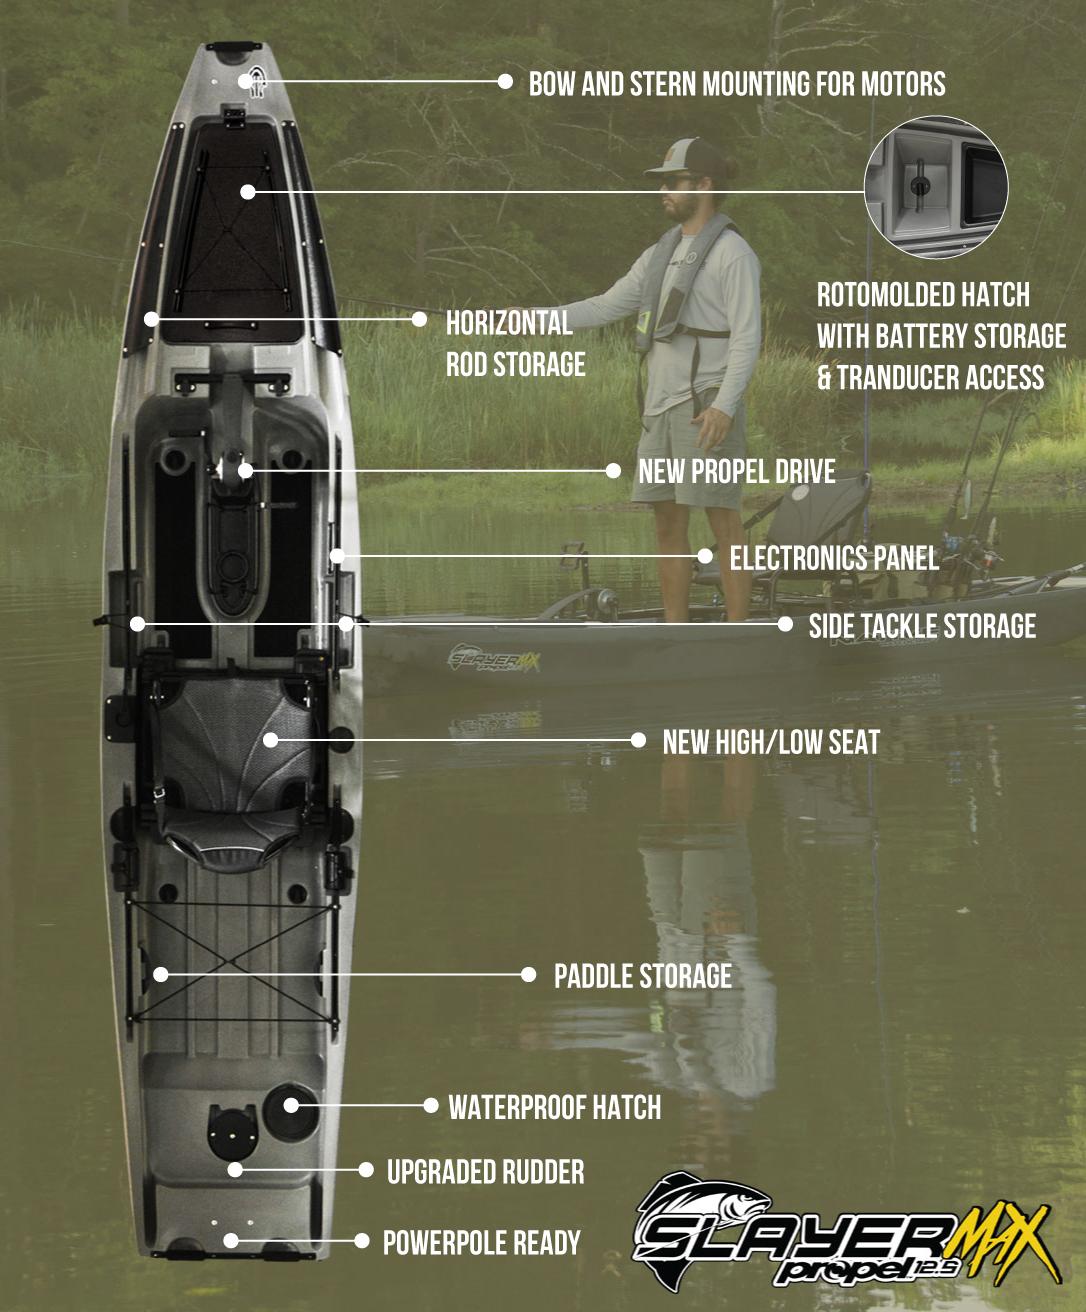 sideshot-slayermax-infographic-v2.jpg